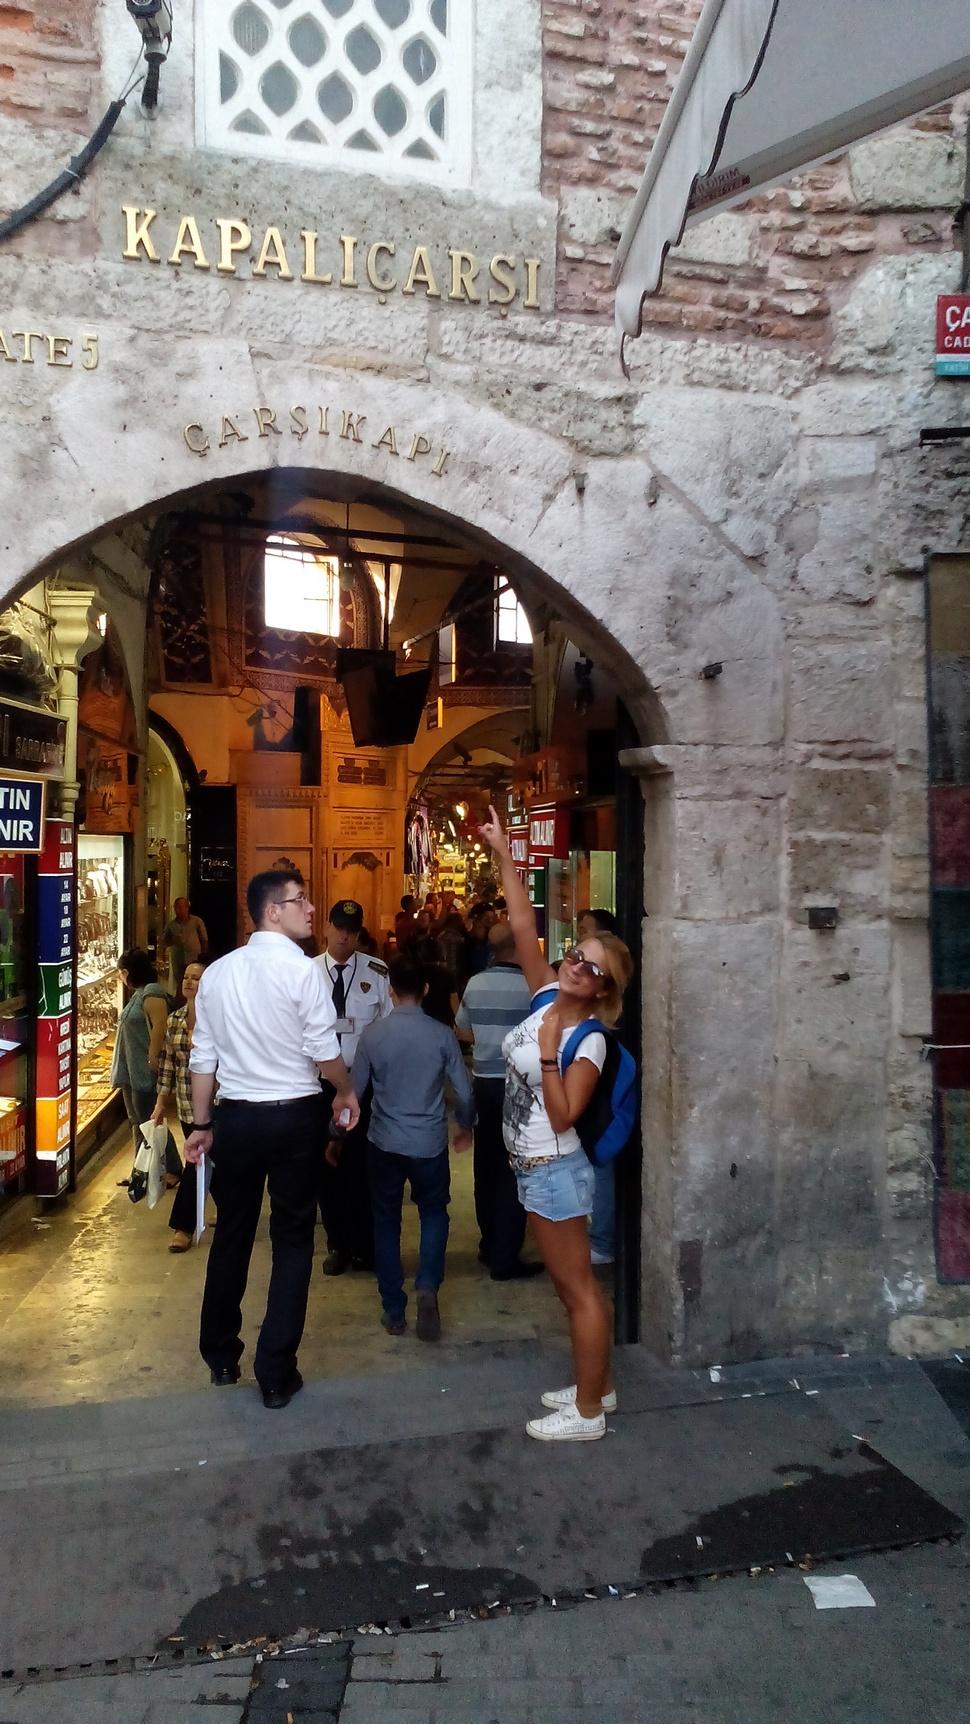 Istanbul, Grand Bazaar - Kapilicarsi